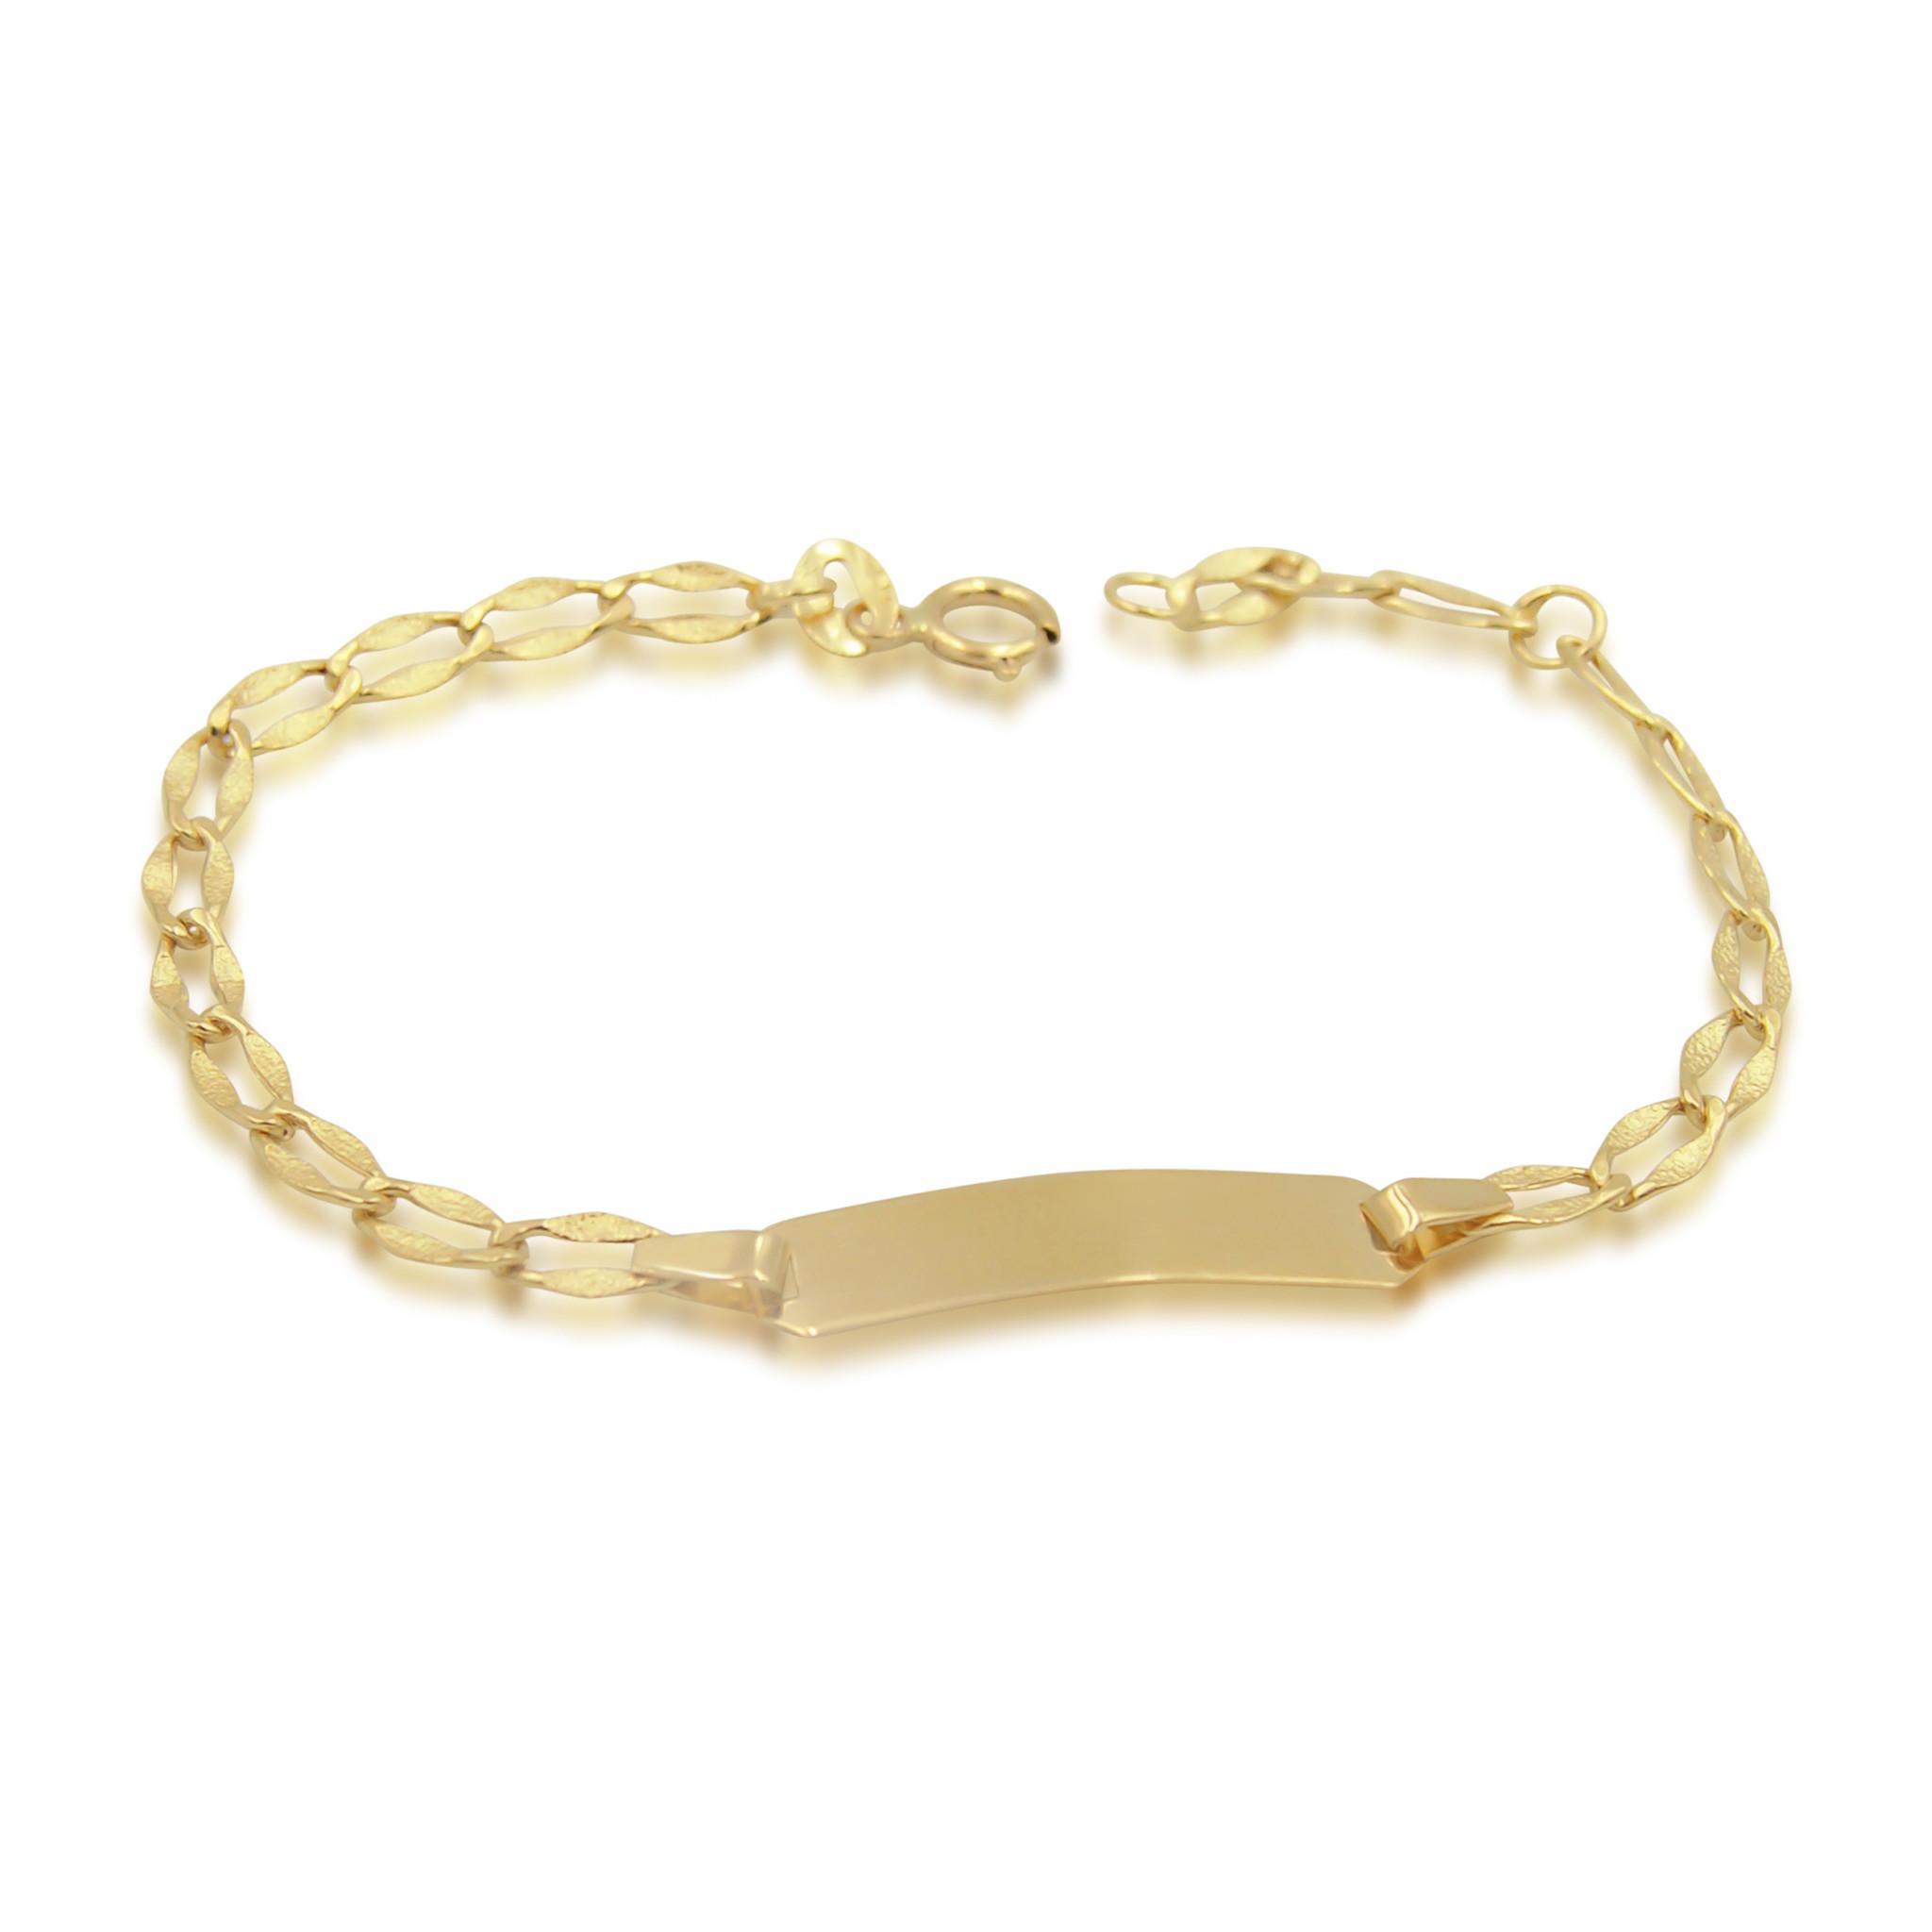 18 karat yellow gold baby bracelet